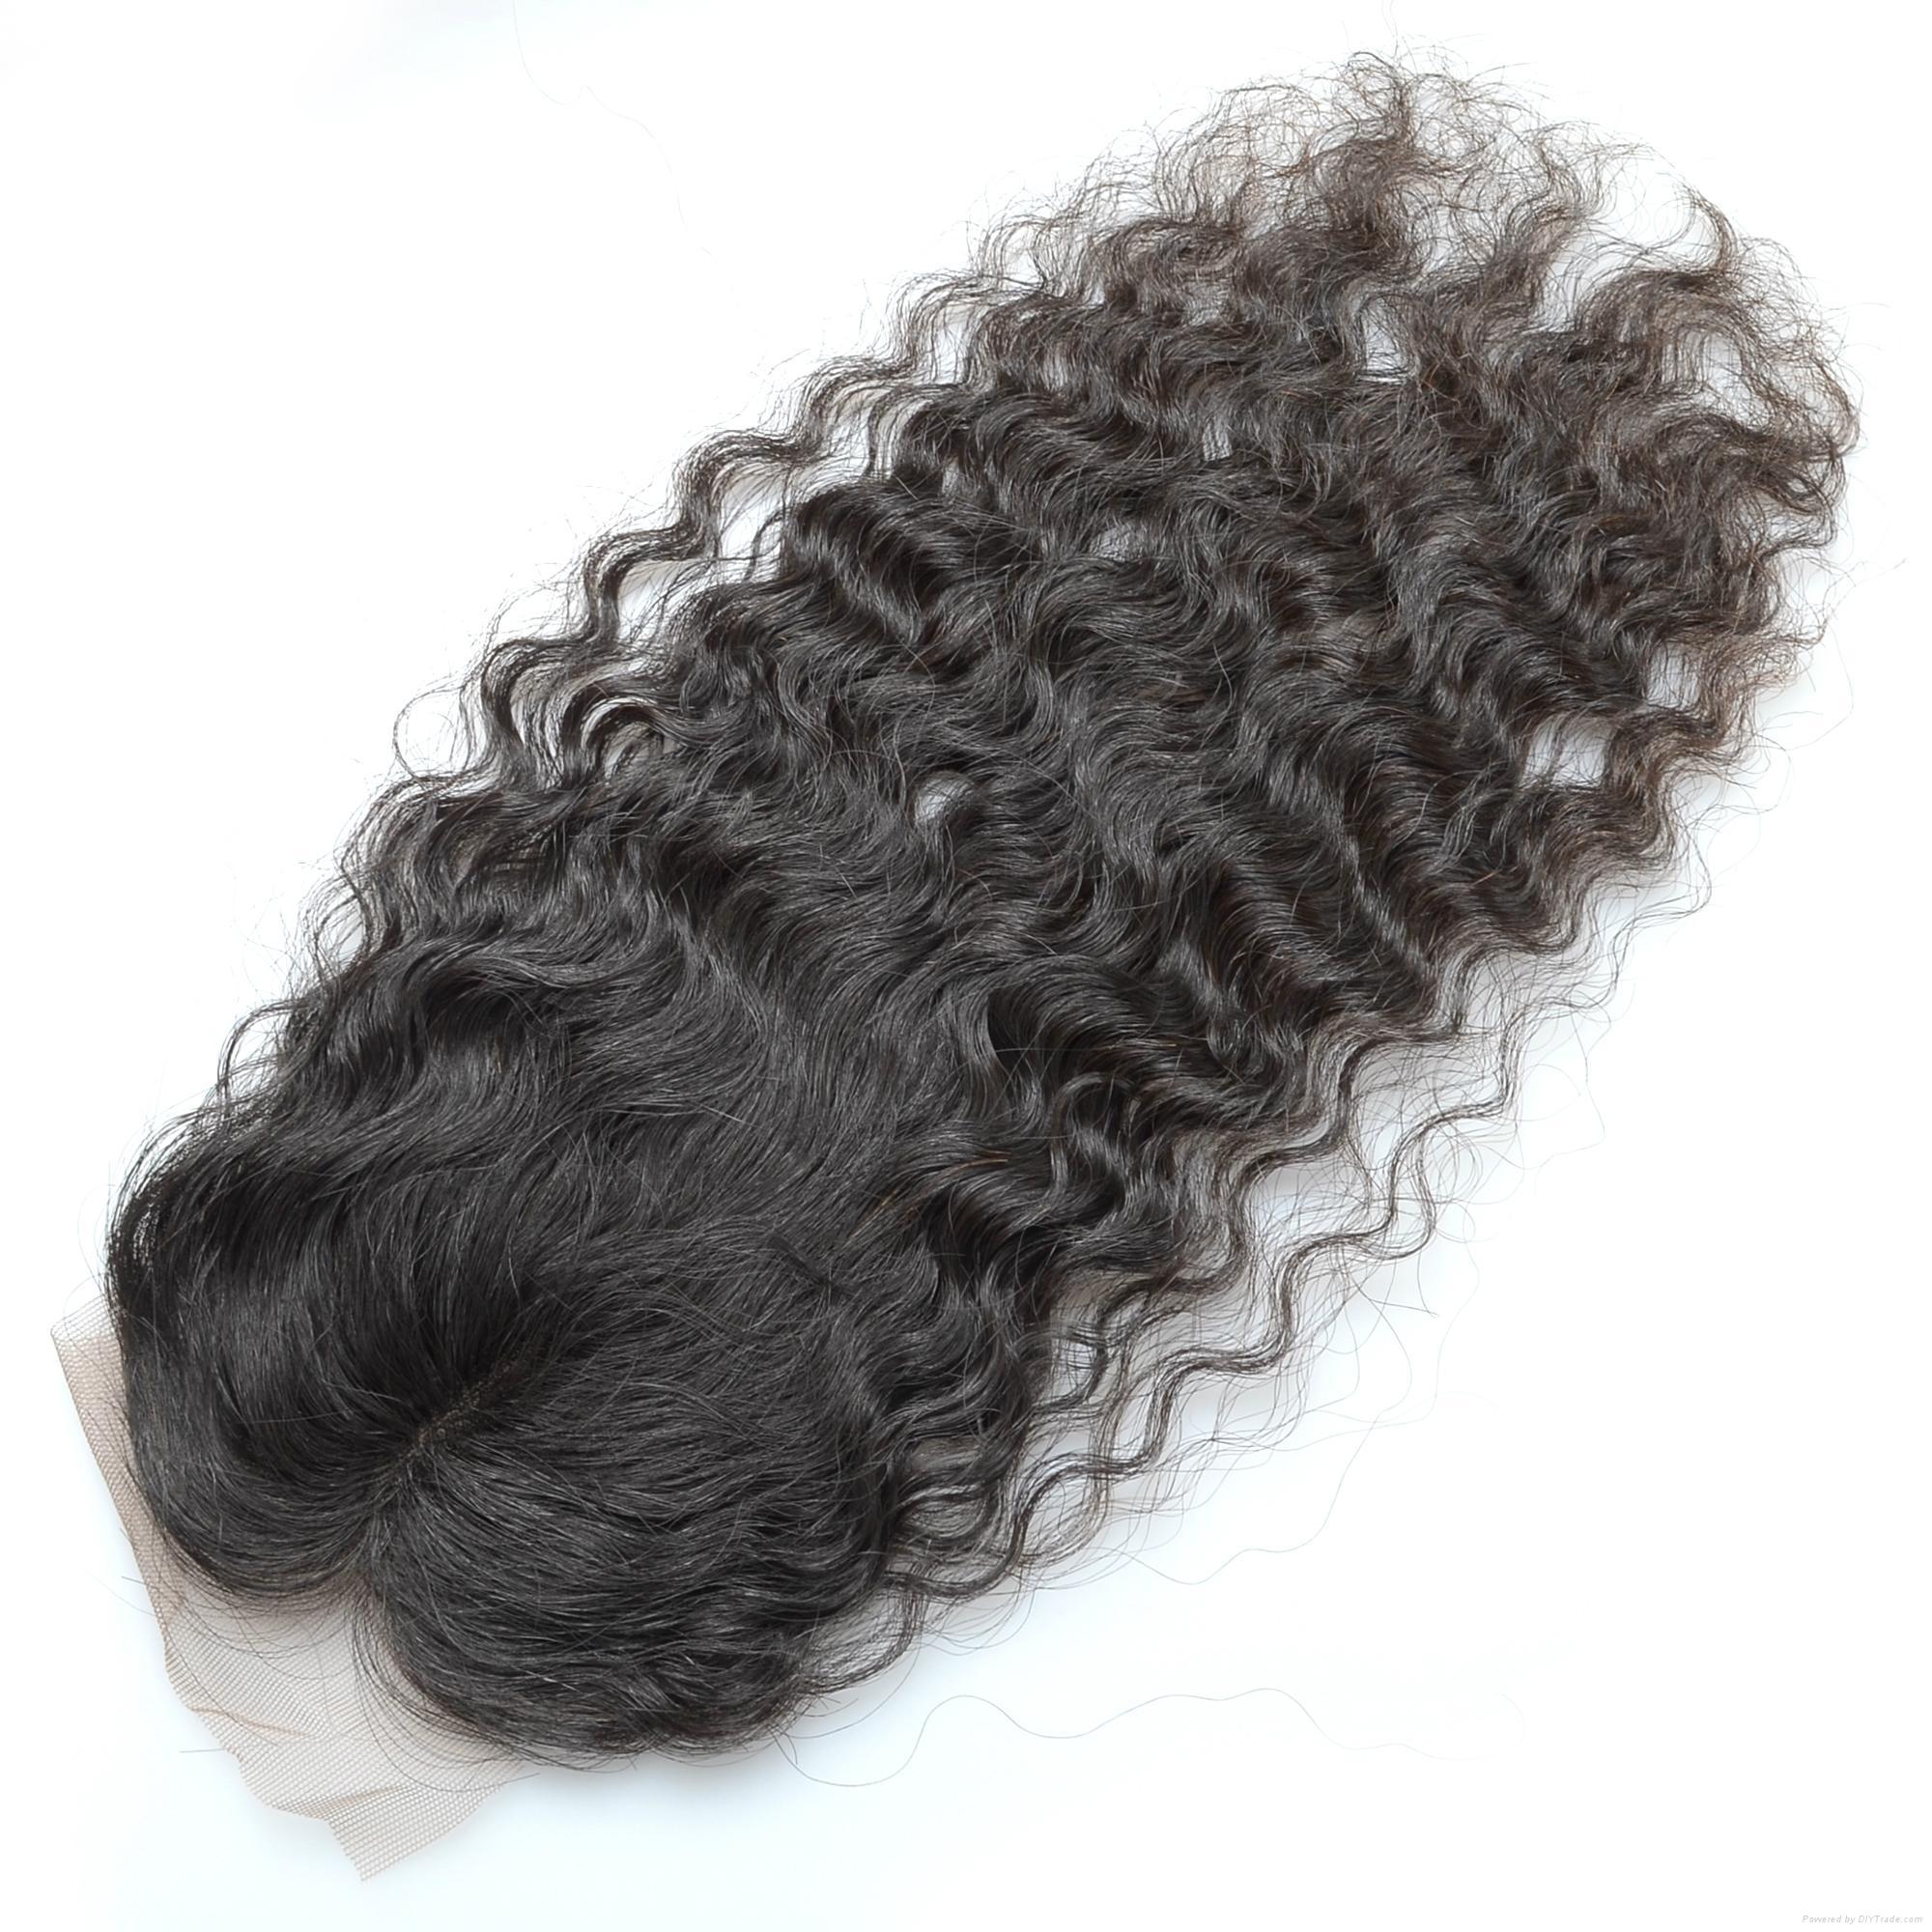 KBL Brazilian Virgin Human Hair Lace Top Closures 4*2.5  3